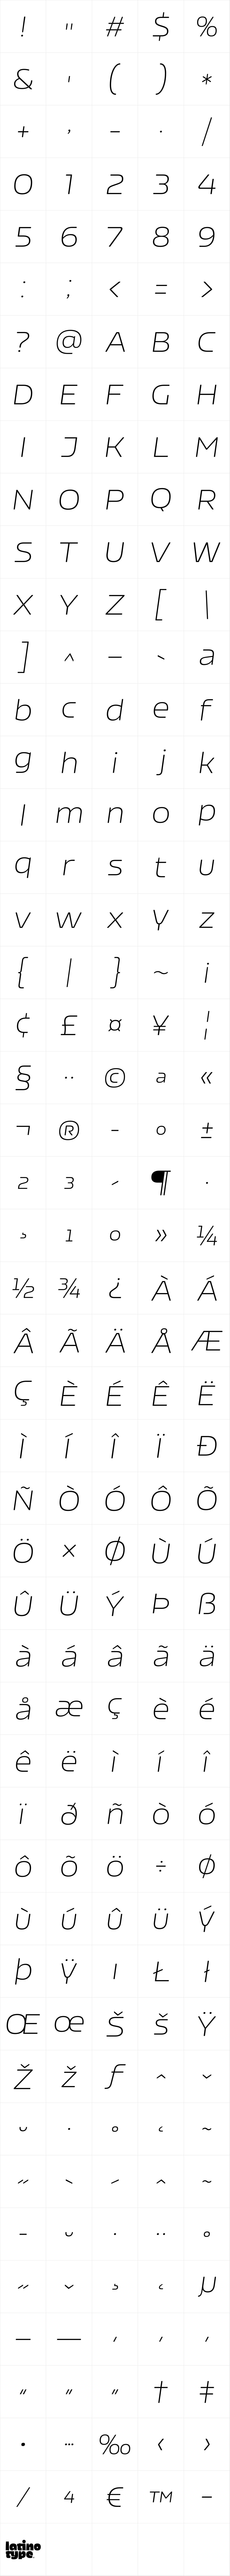 Nizzoli Rounded ExtraLight Italic